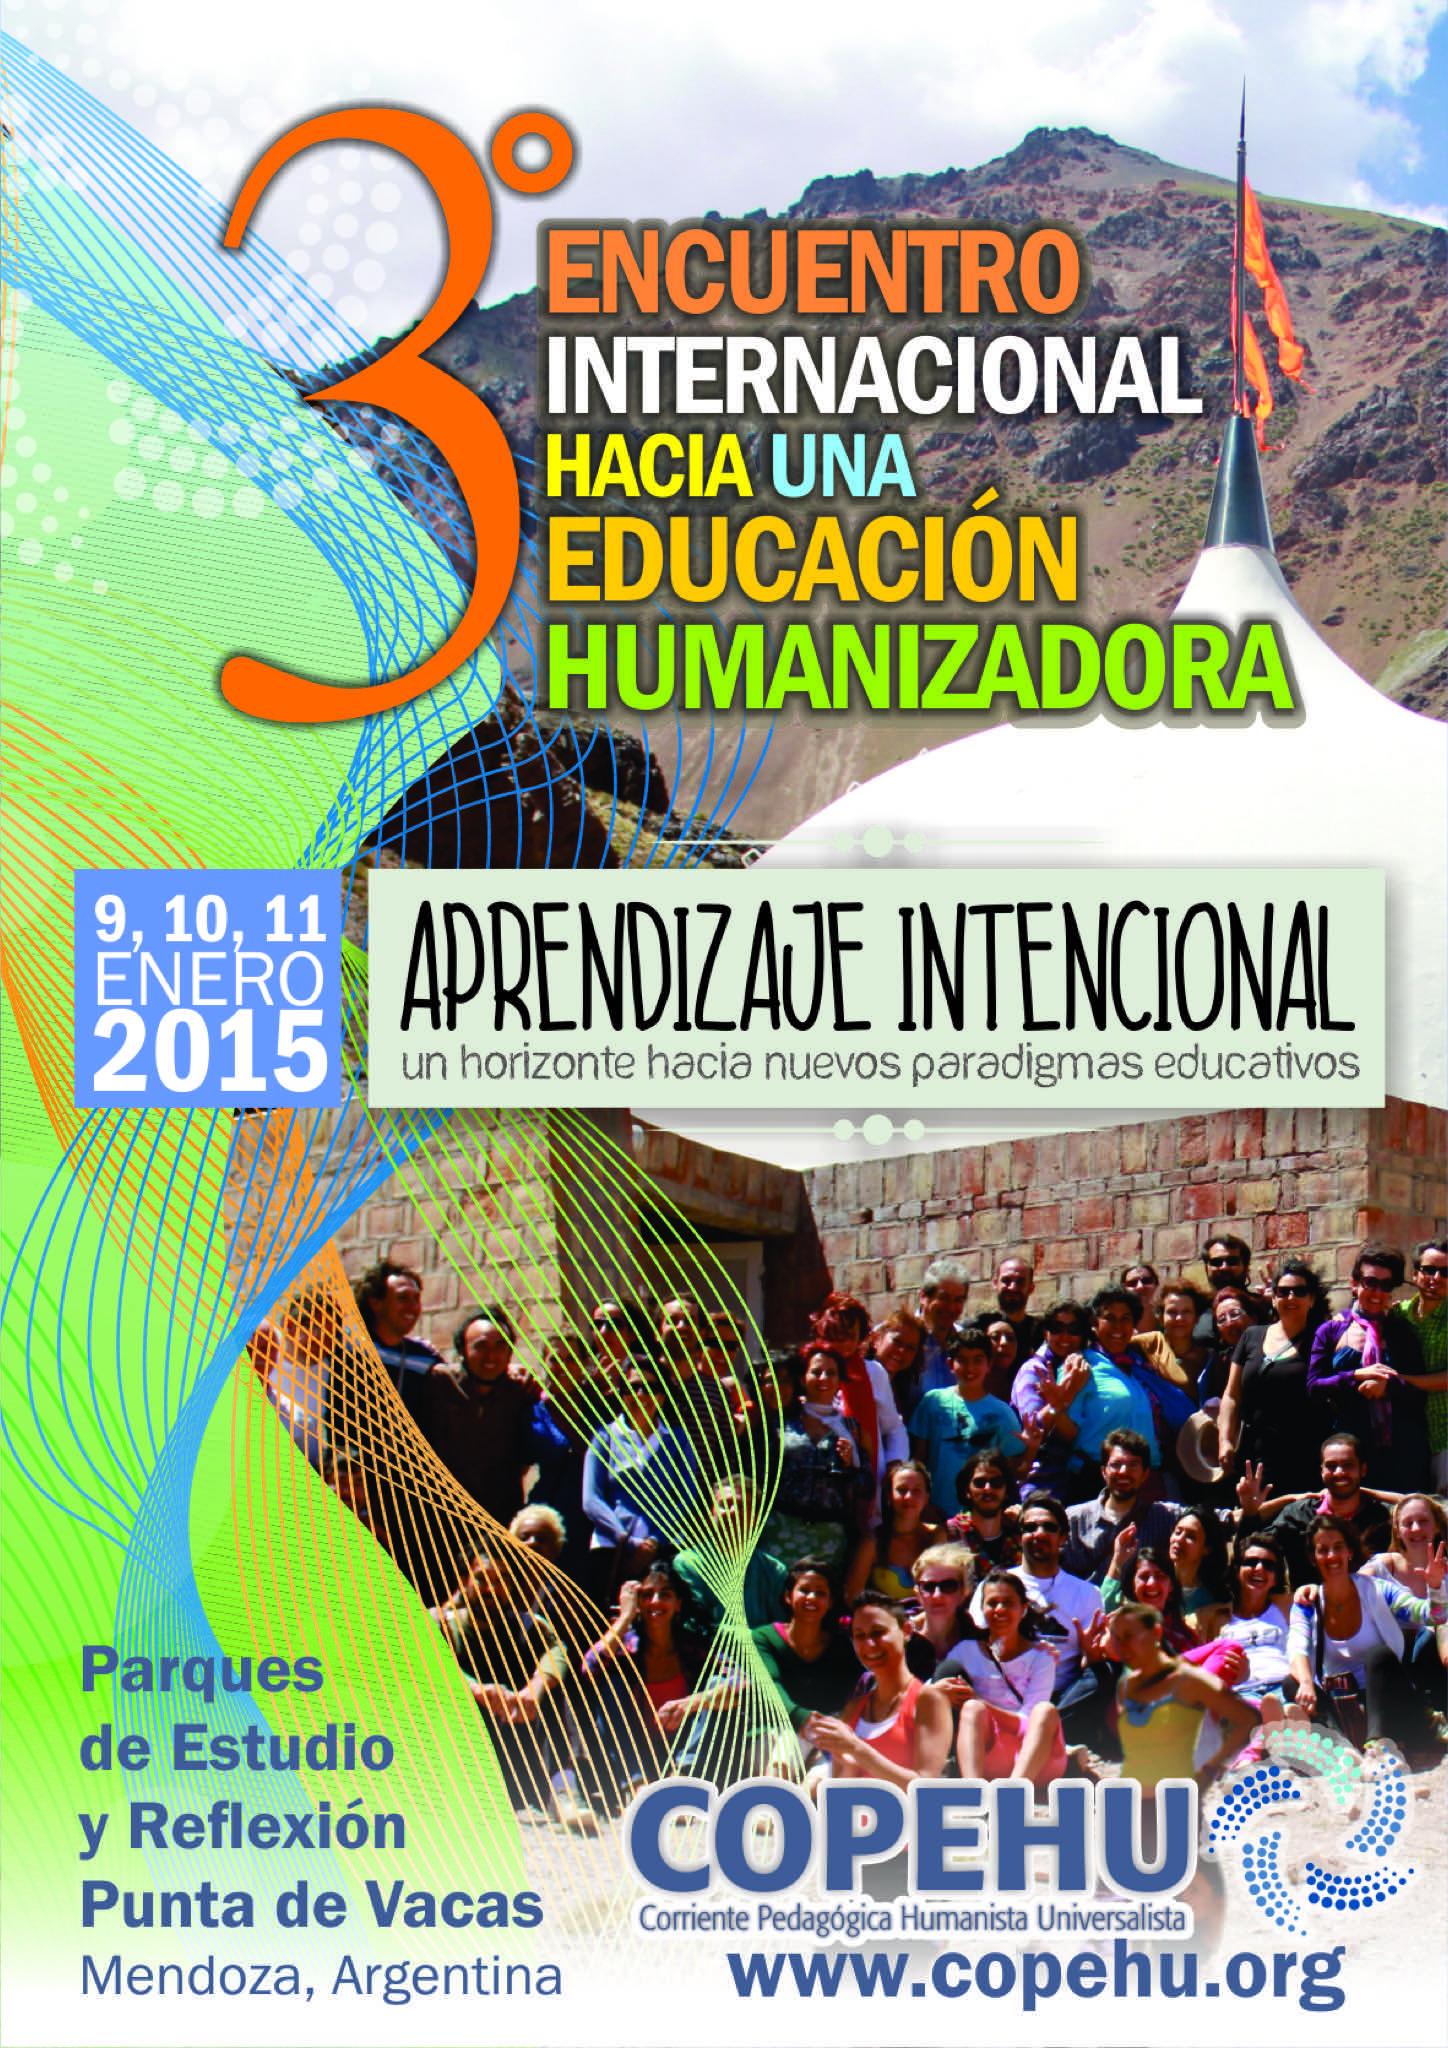 """Encuentro Internacional """"Hacia una Educación Humanizadora"""" en la Cordillera de los Andes"""